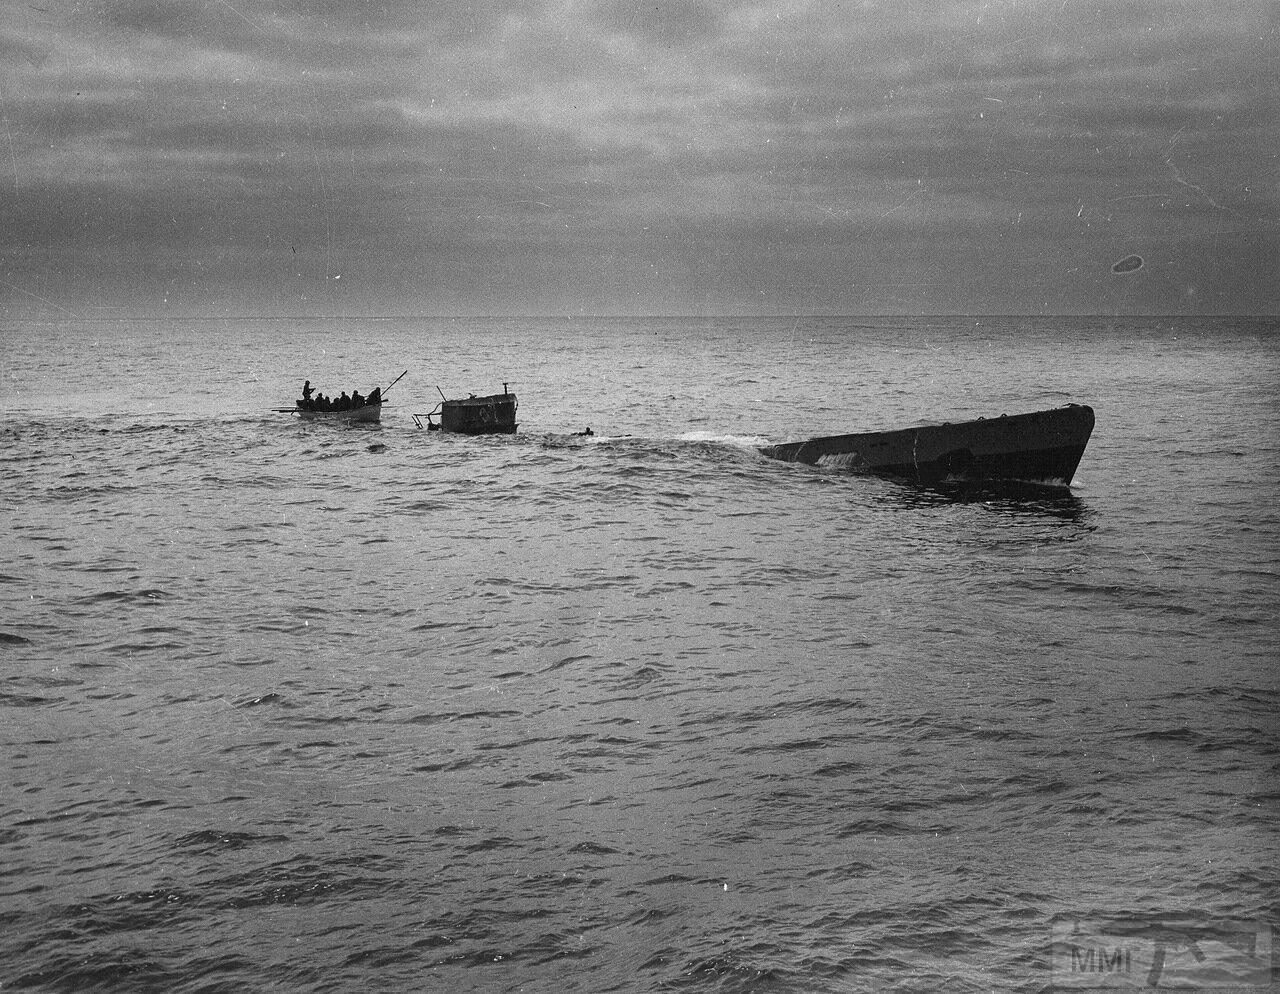 59151 - Действия немецких подлодок в Атлантике